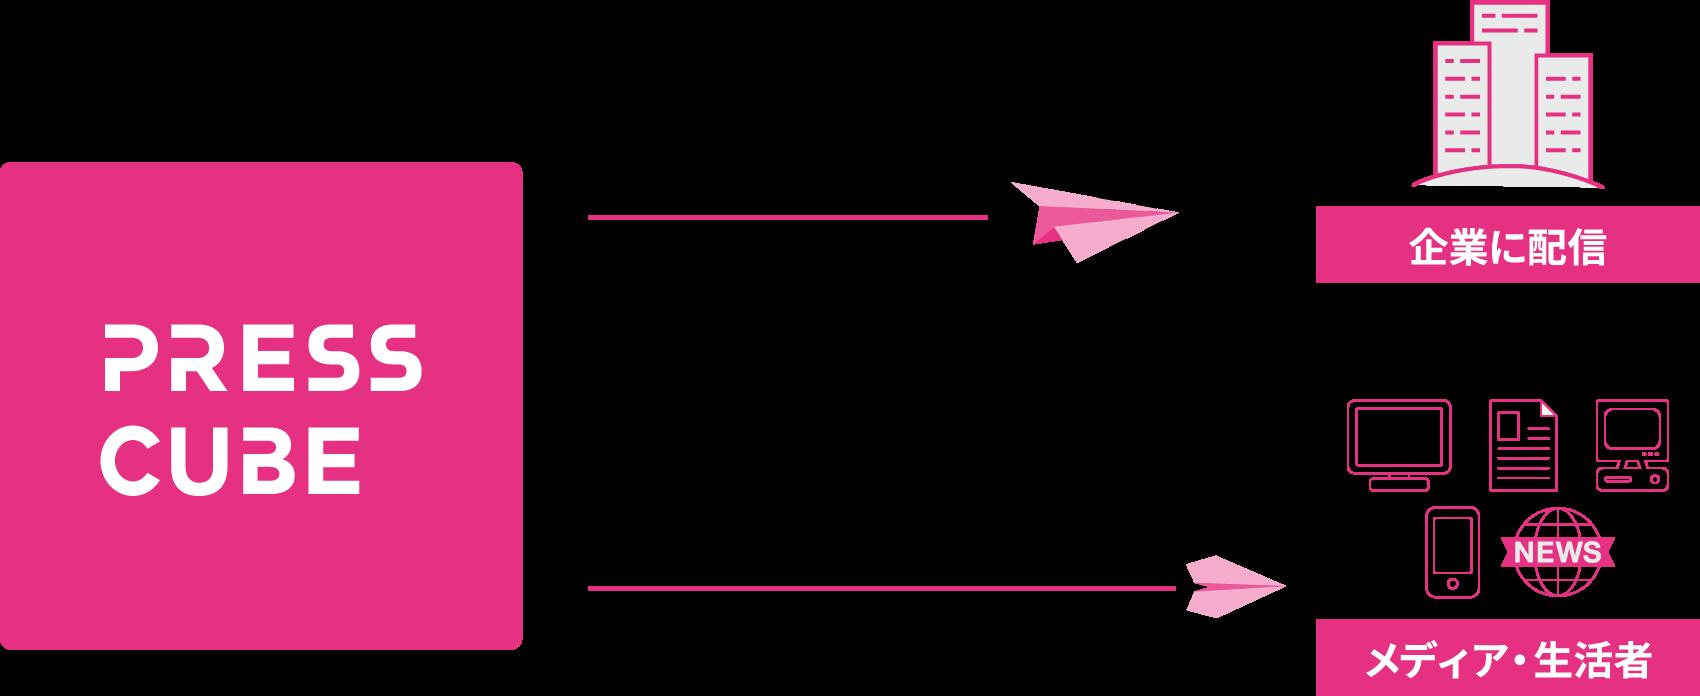 保有する企業データベース約120,000社の中から最大150社を任意に選択してリリースを配信